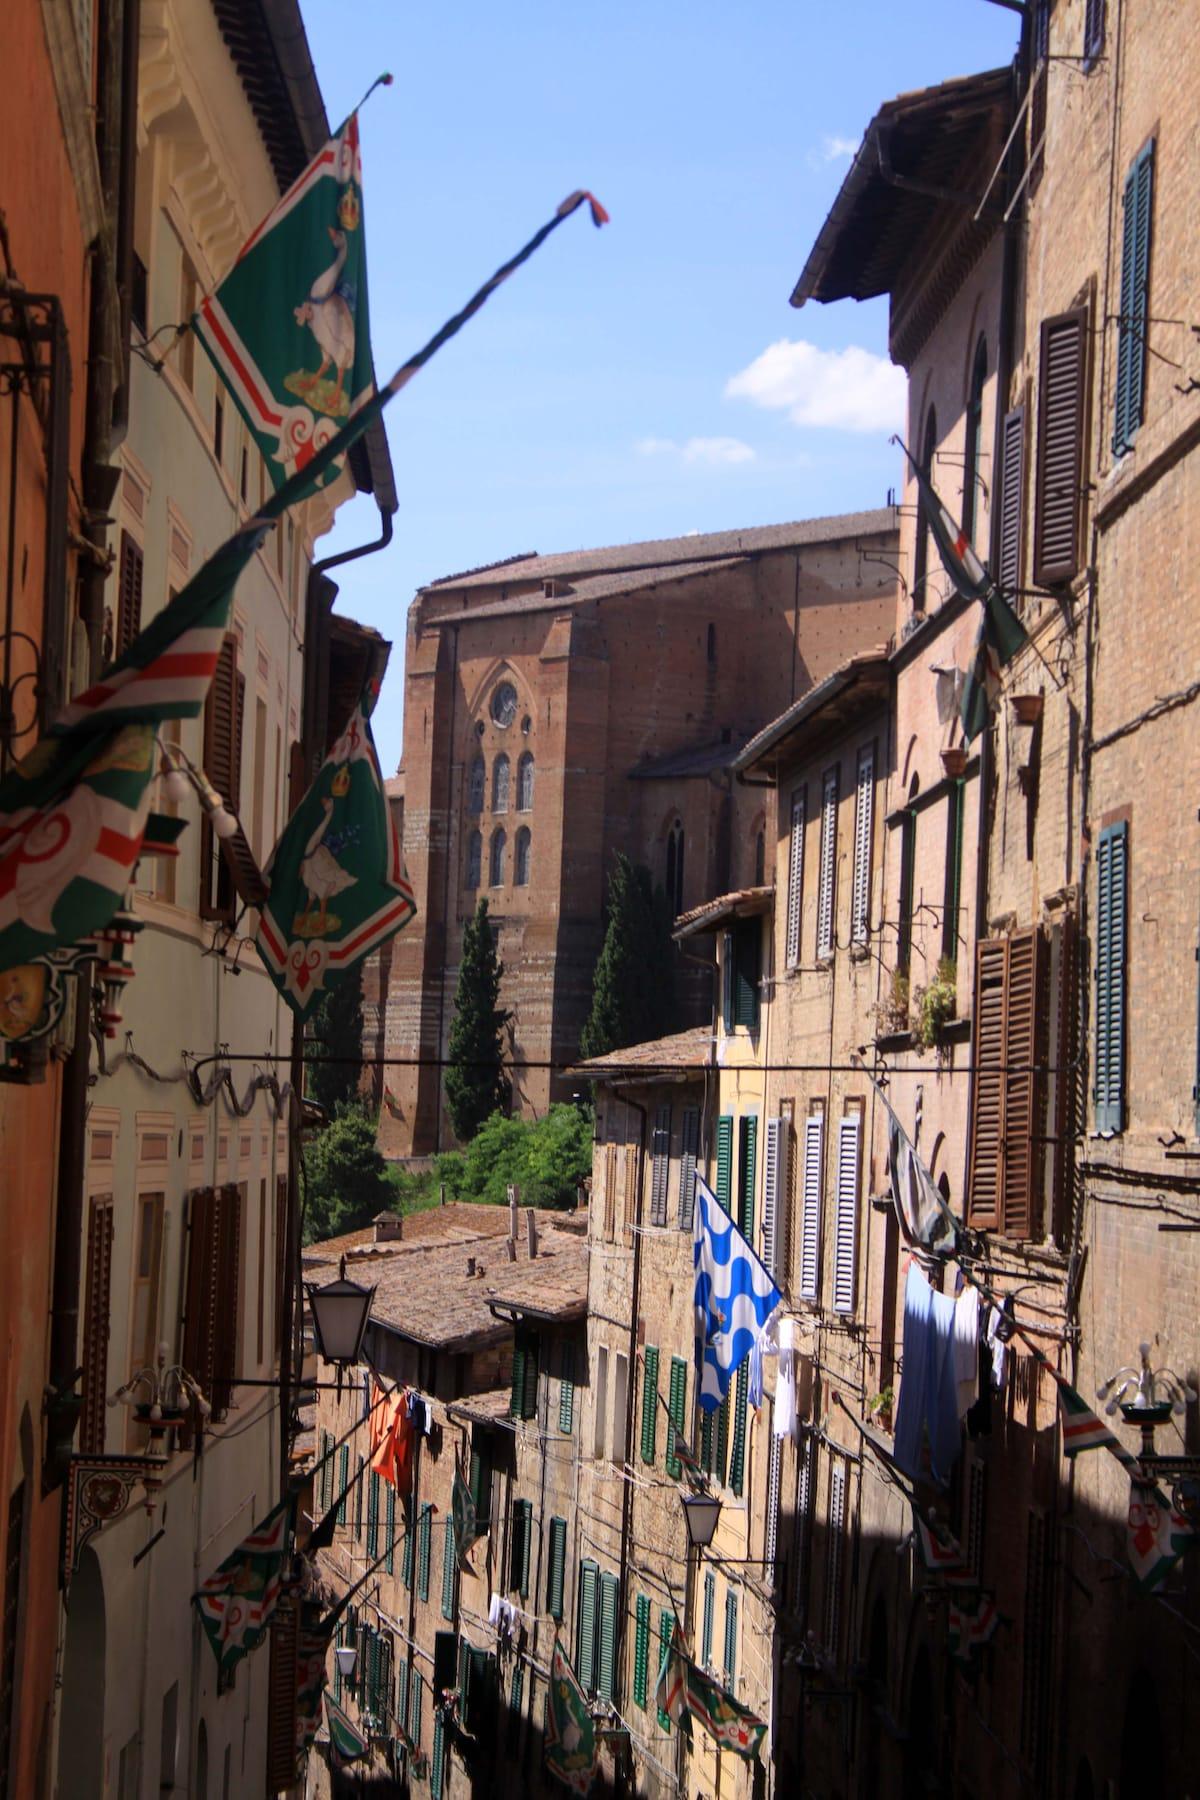 The Santa Caterina street